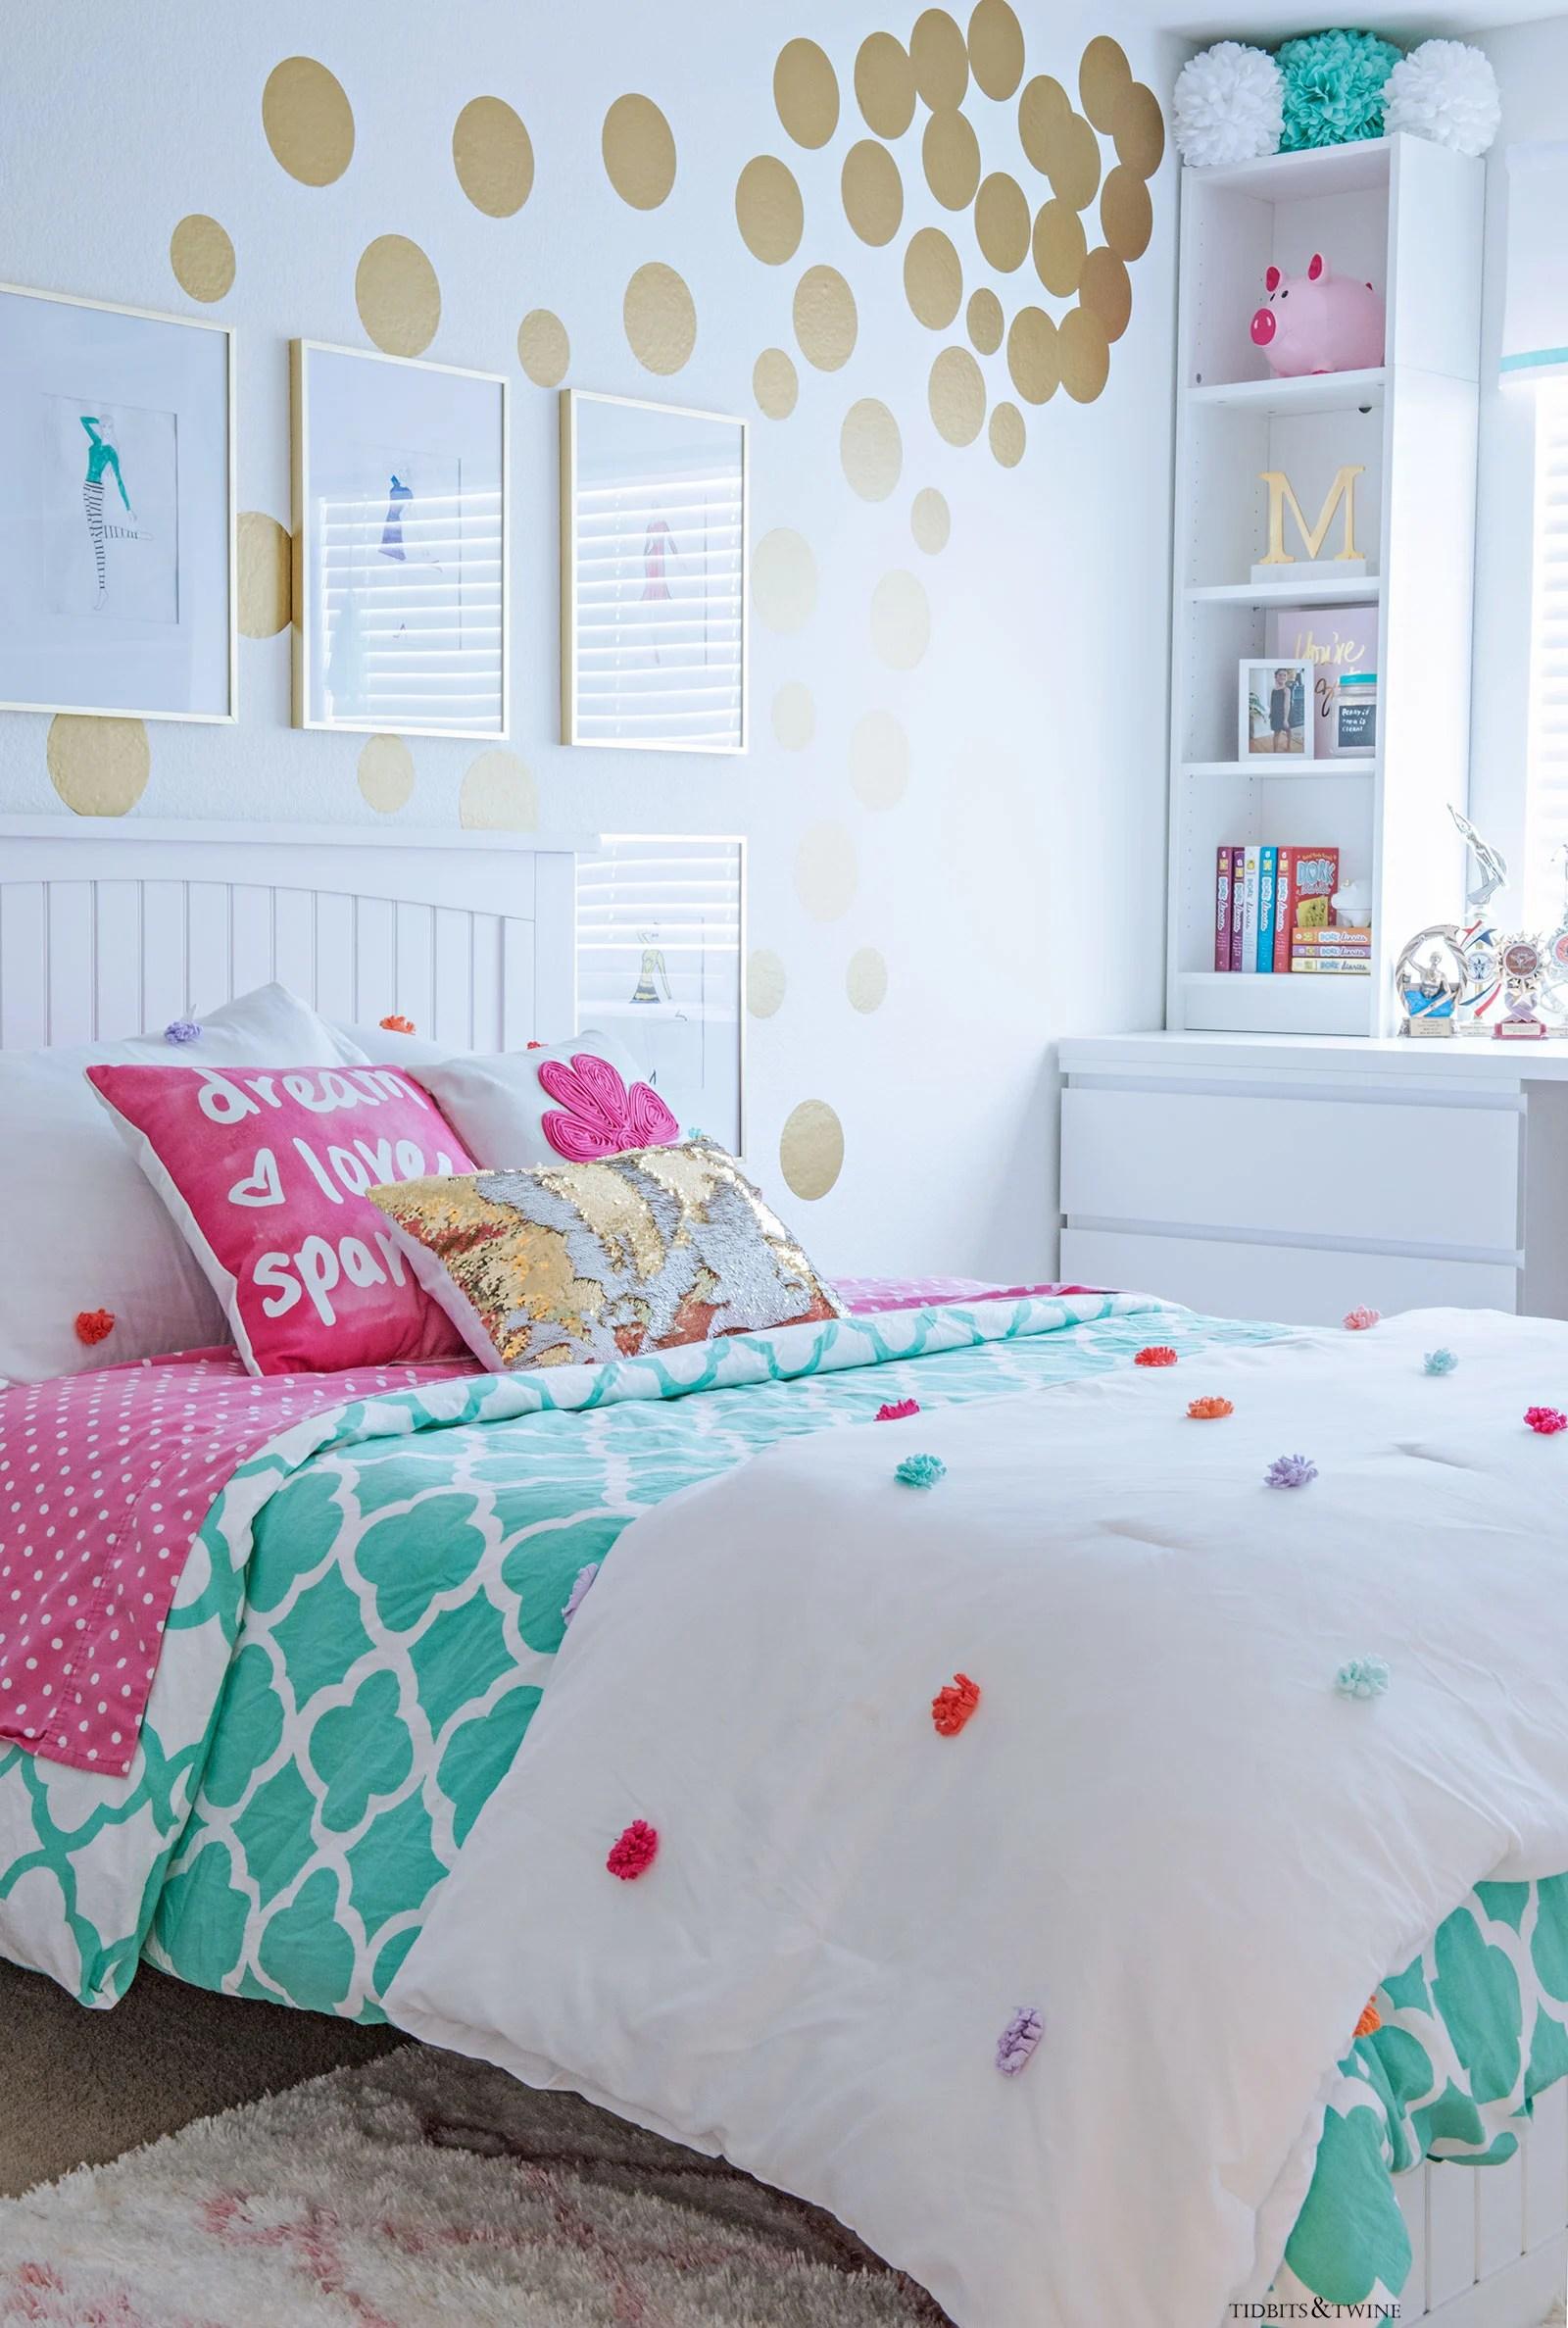 tween s bedroom makeover reveal tidbits amp twine on Tween Girl Bedroom Ideas id=54614